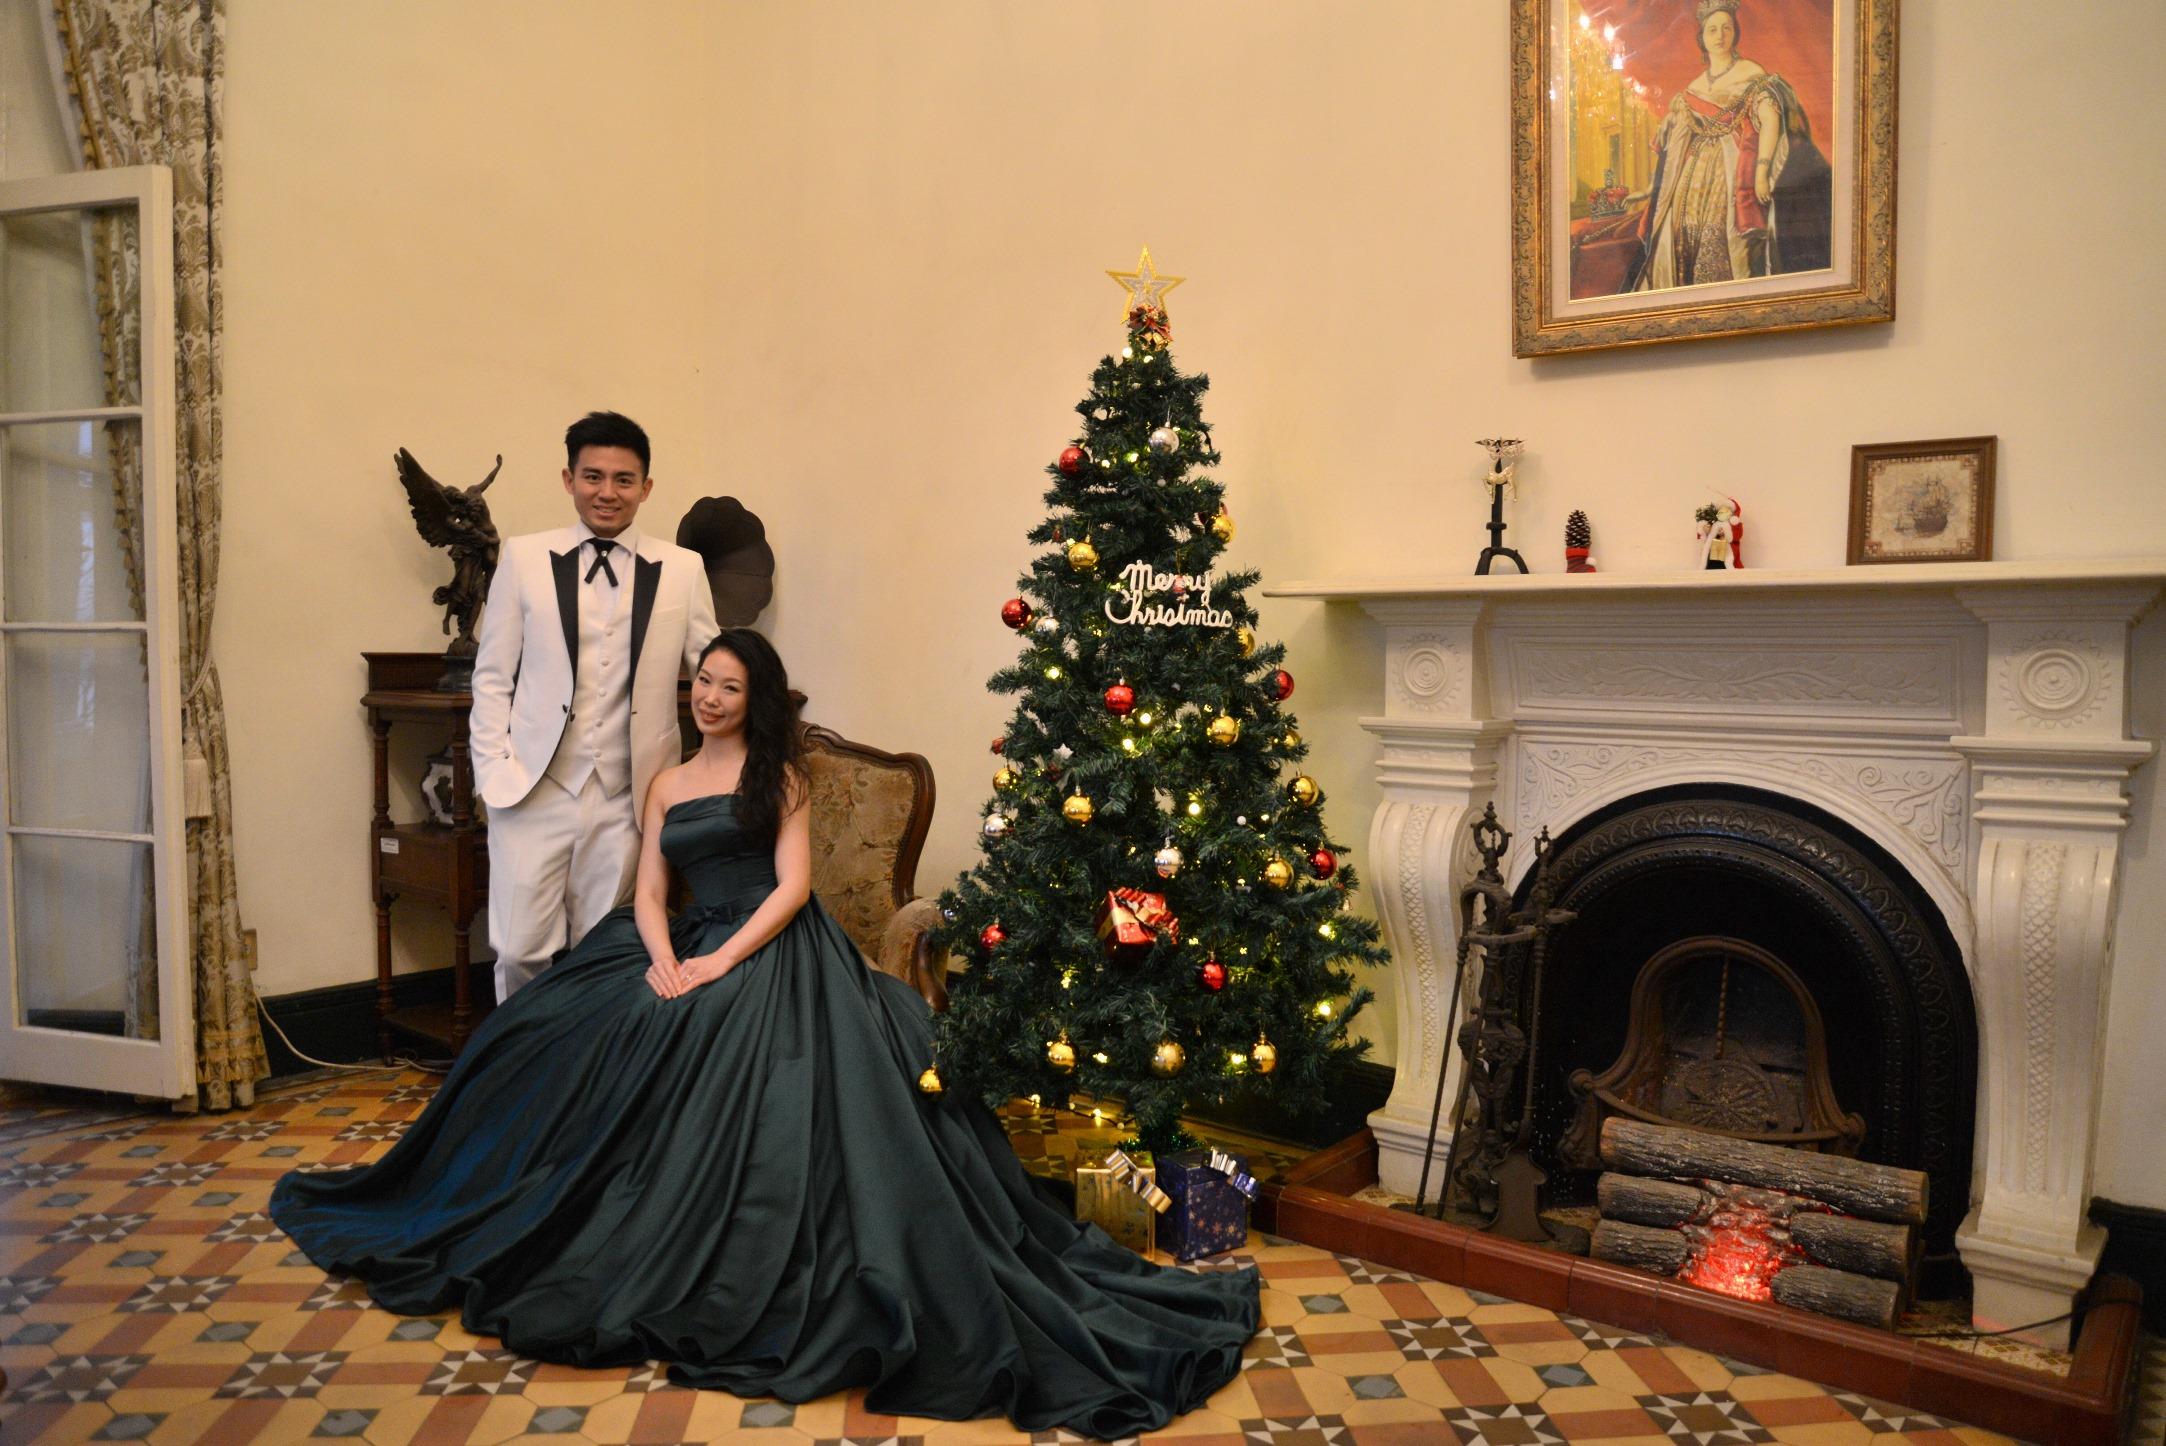 耶誕節即將到來,官邸的壁爐旁也設置耶誕樹,有濃濃的節慶氛圍。